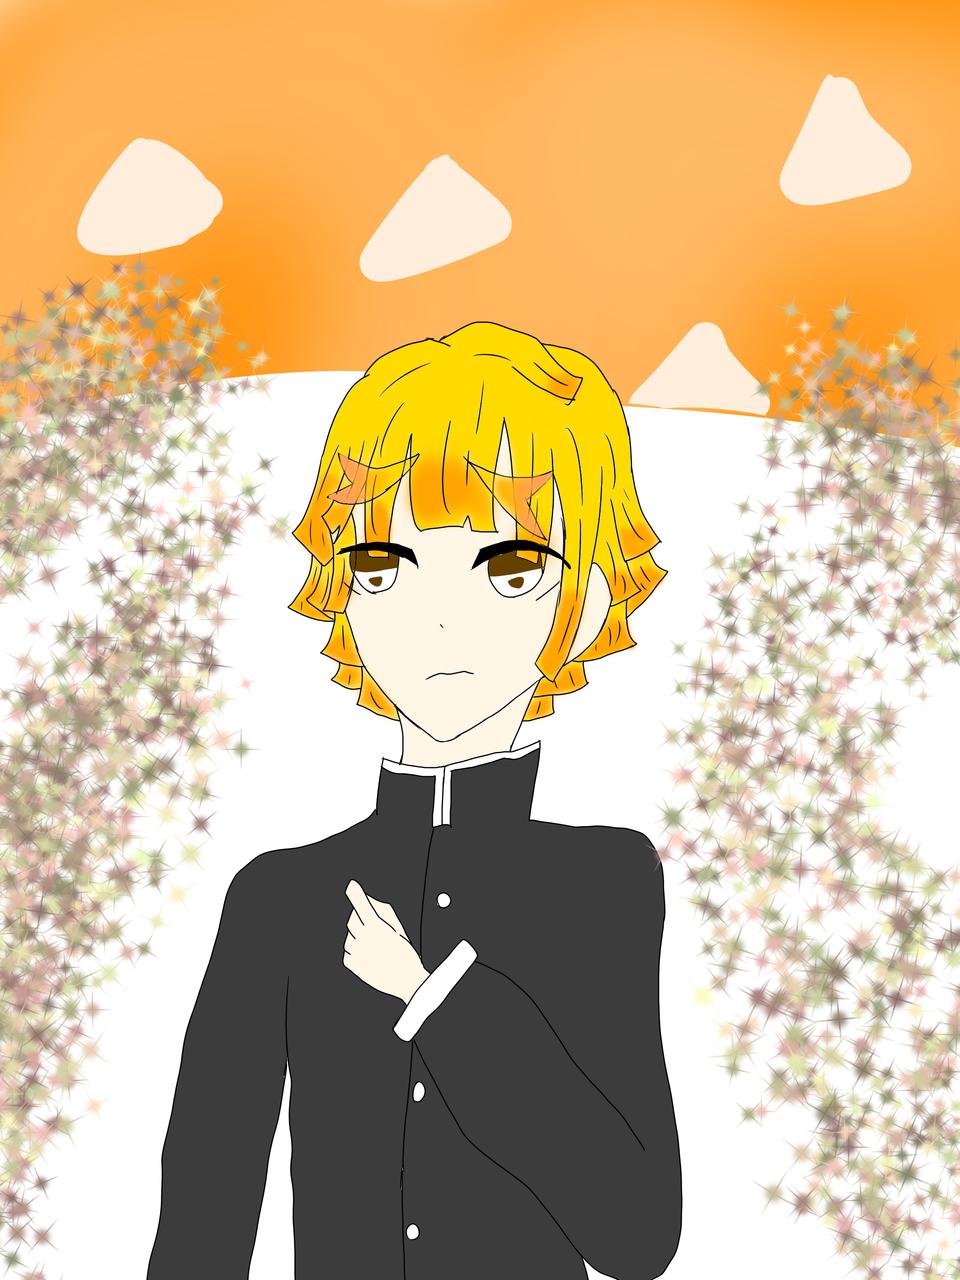 ラクガキぜんいっ Illust of しゃっくりみかん ぜんいつ描きました。 KimetsunoYaiba AgatsumaZenitsu